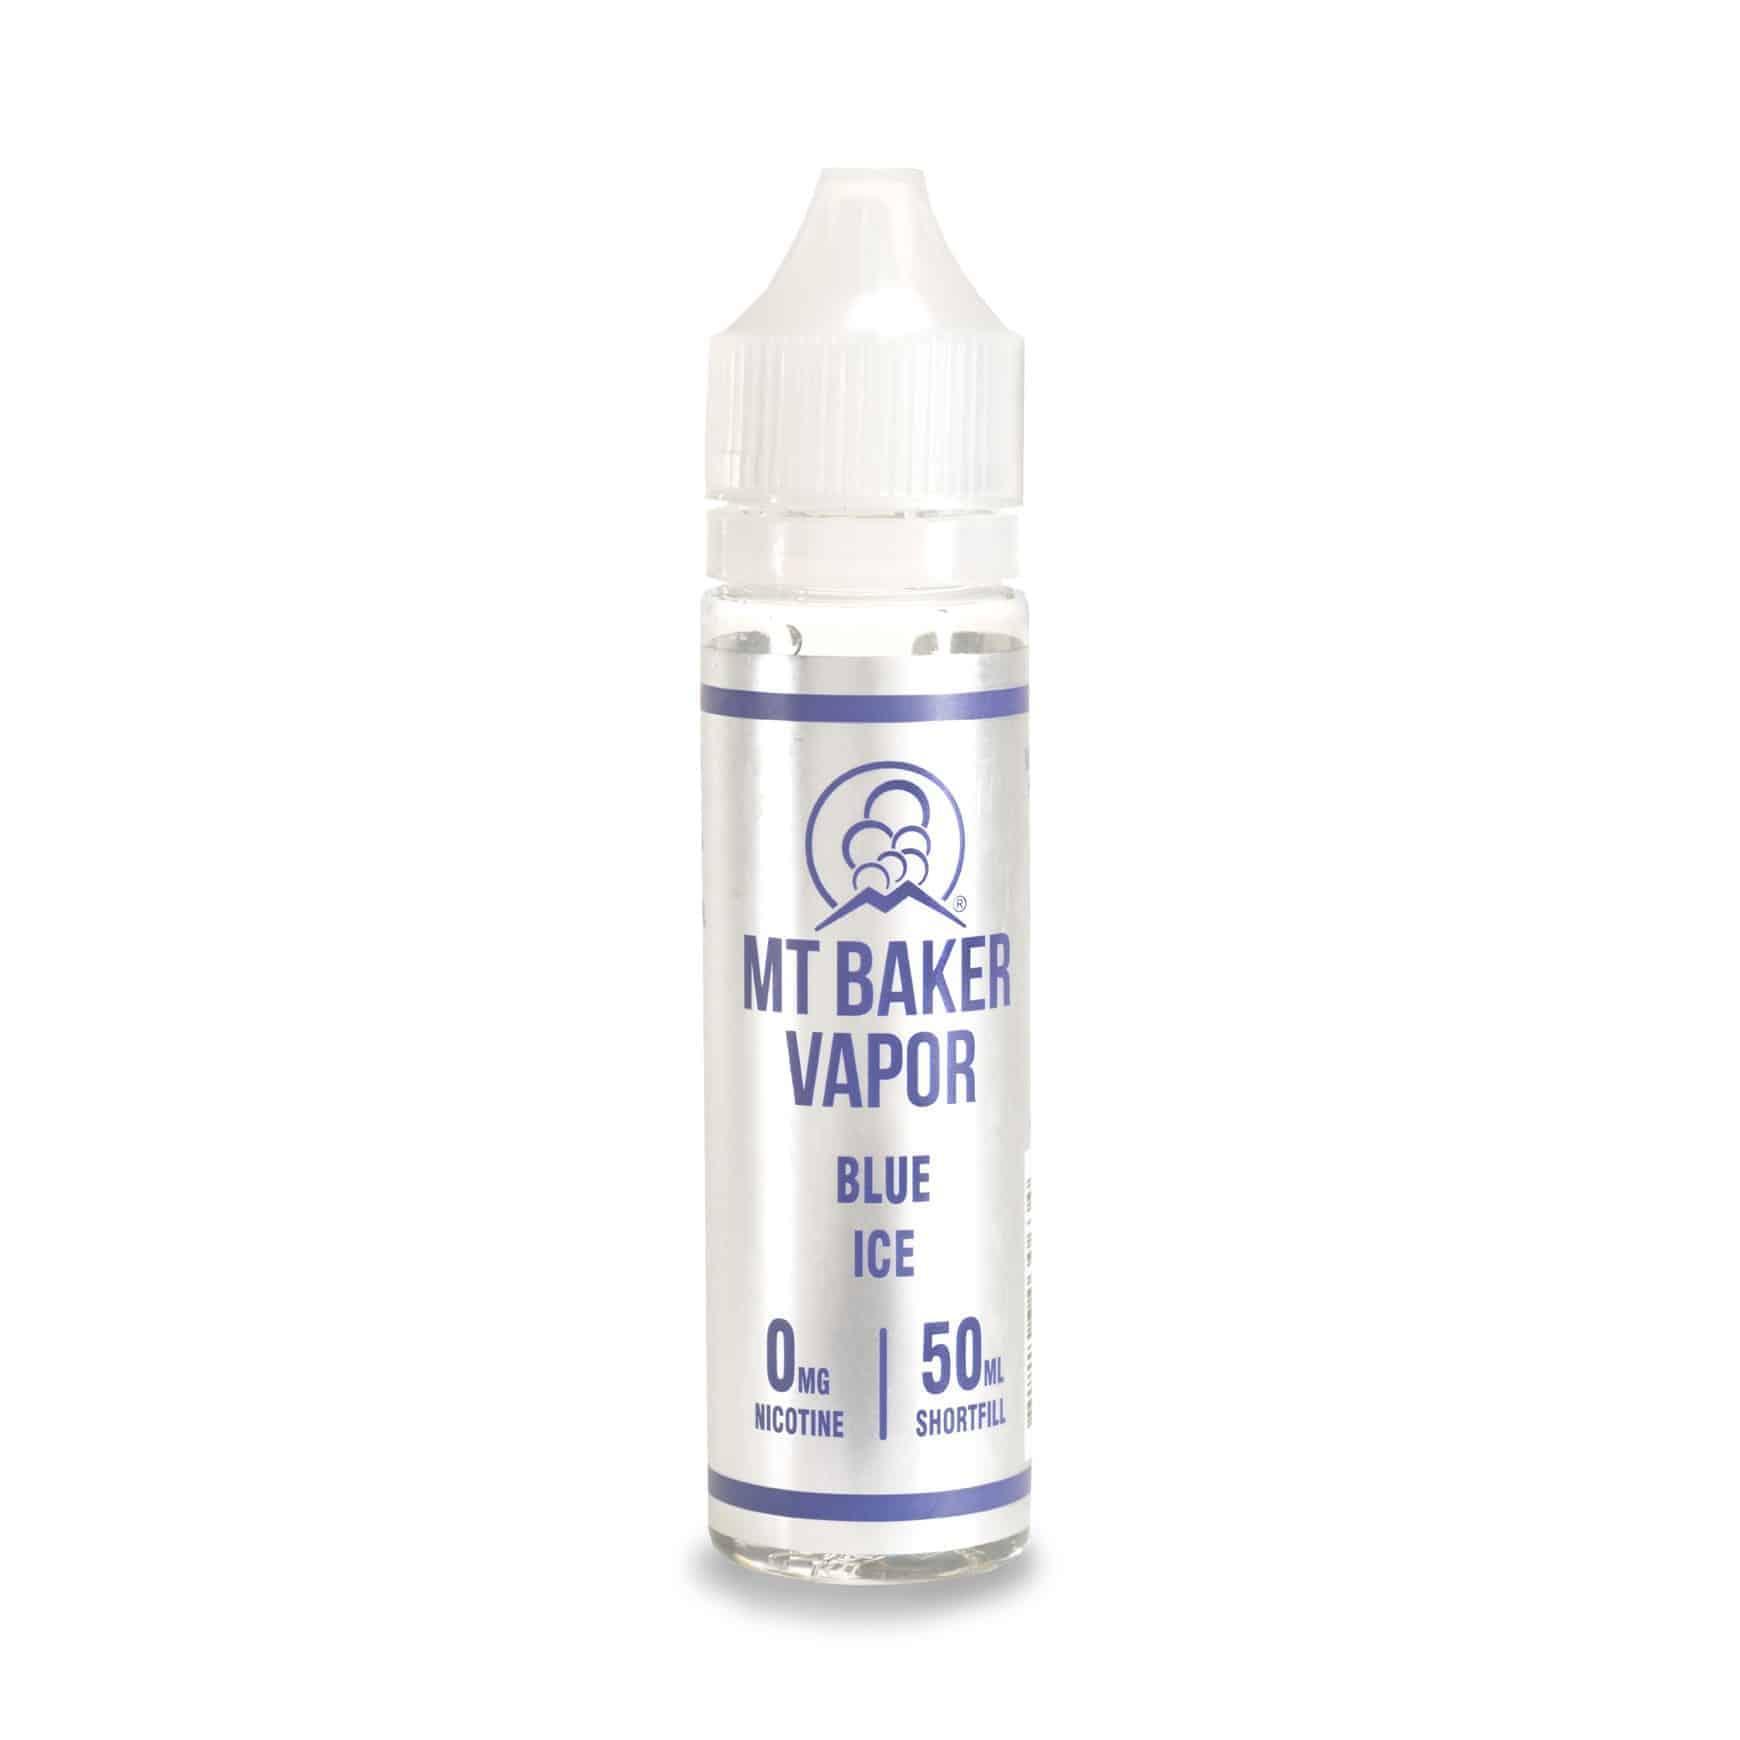 Blue Ice E-juice Shortfill | Mt Baker Vapor International